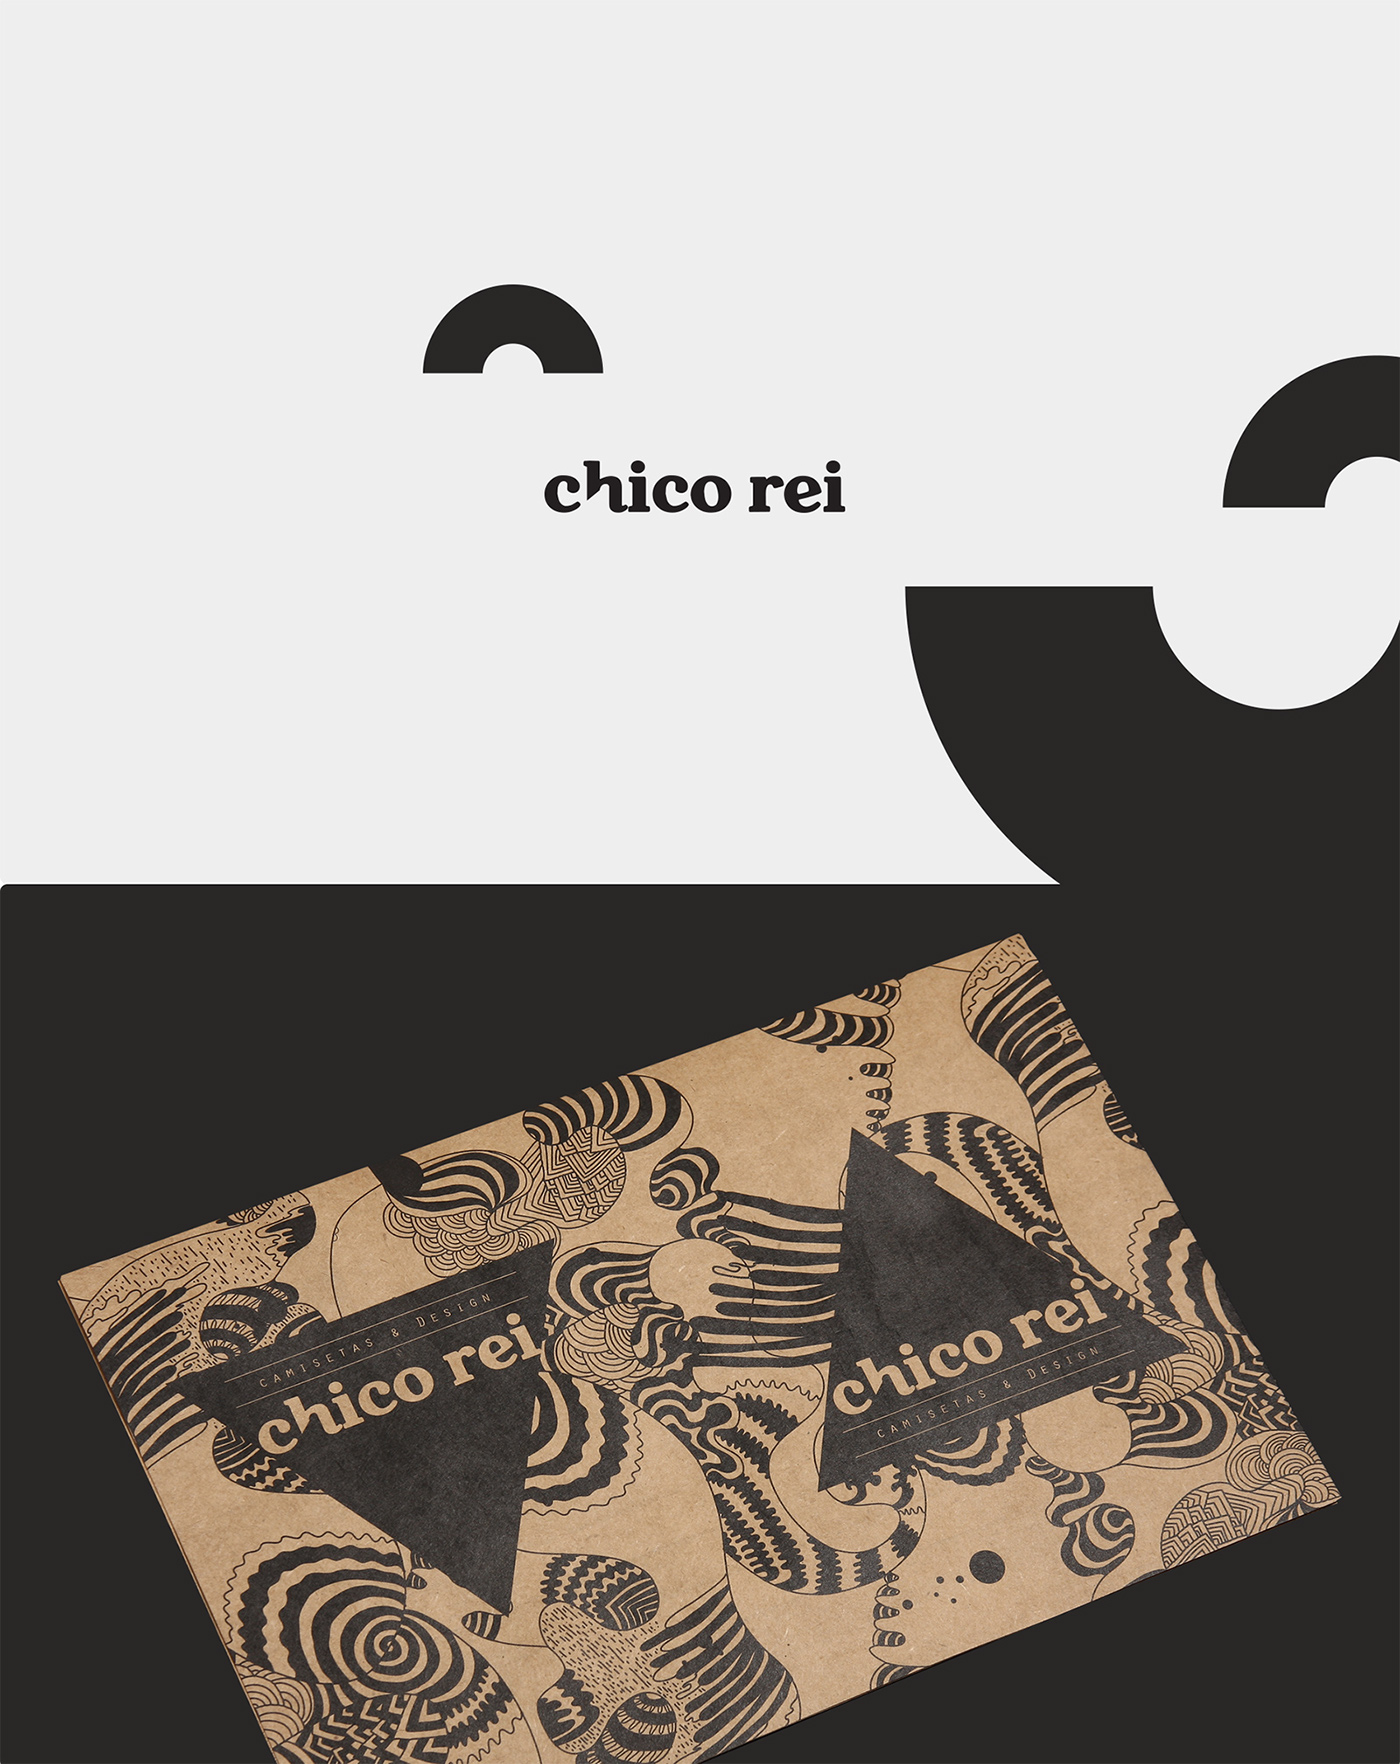 Kit ChicoRei™ 2012